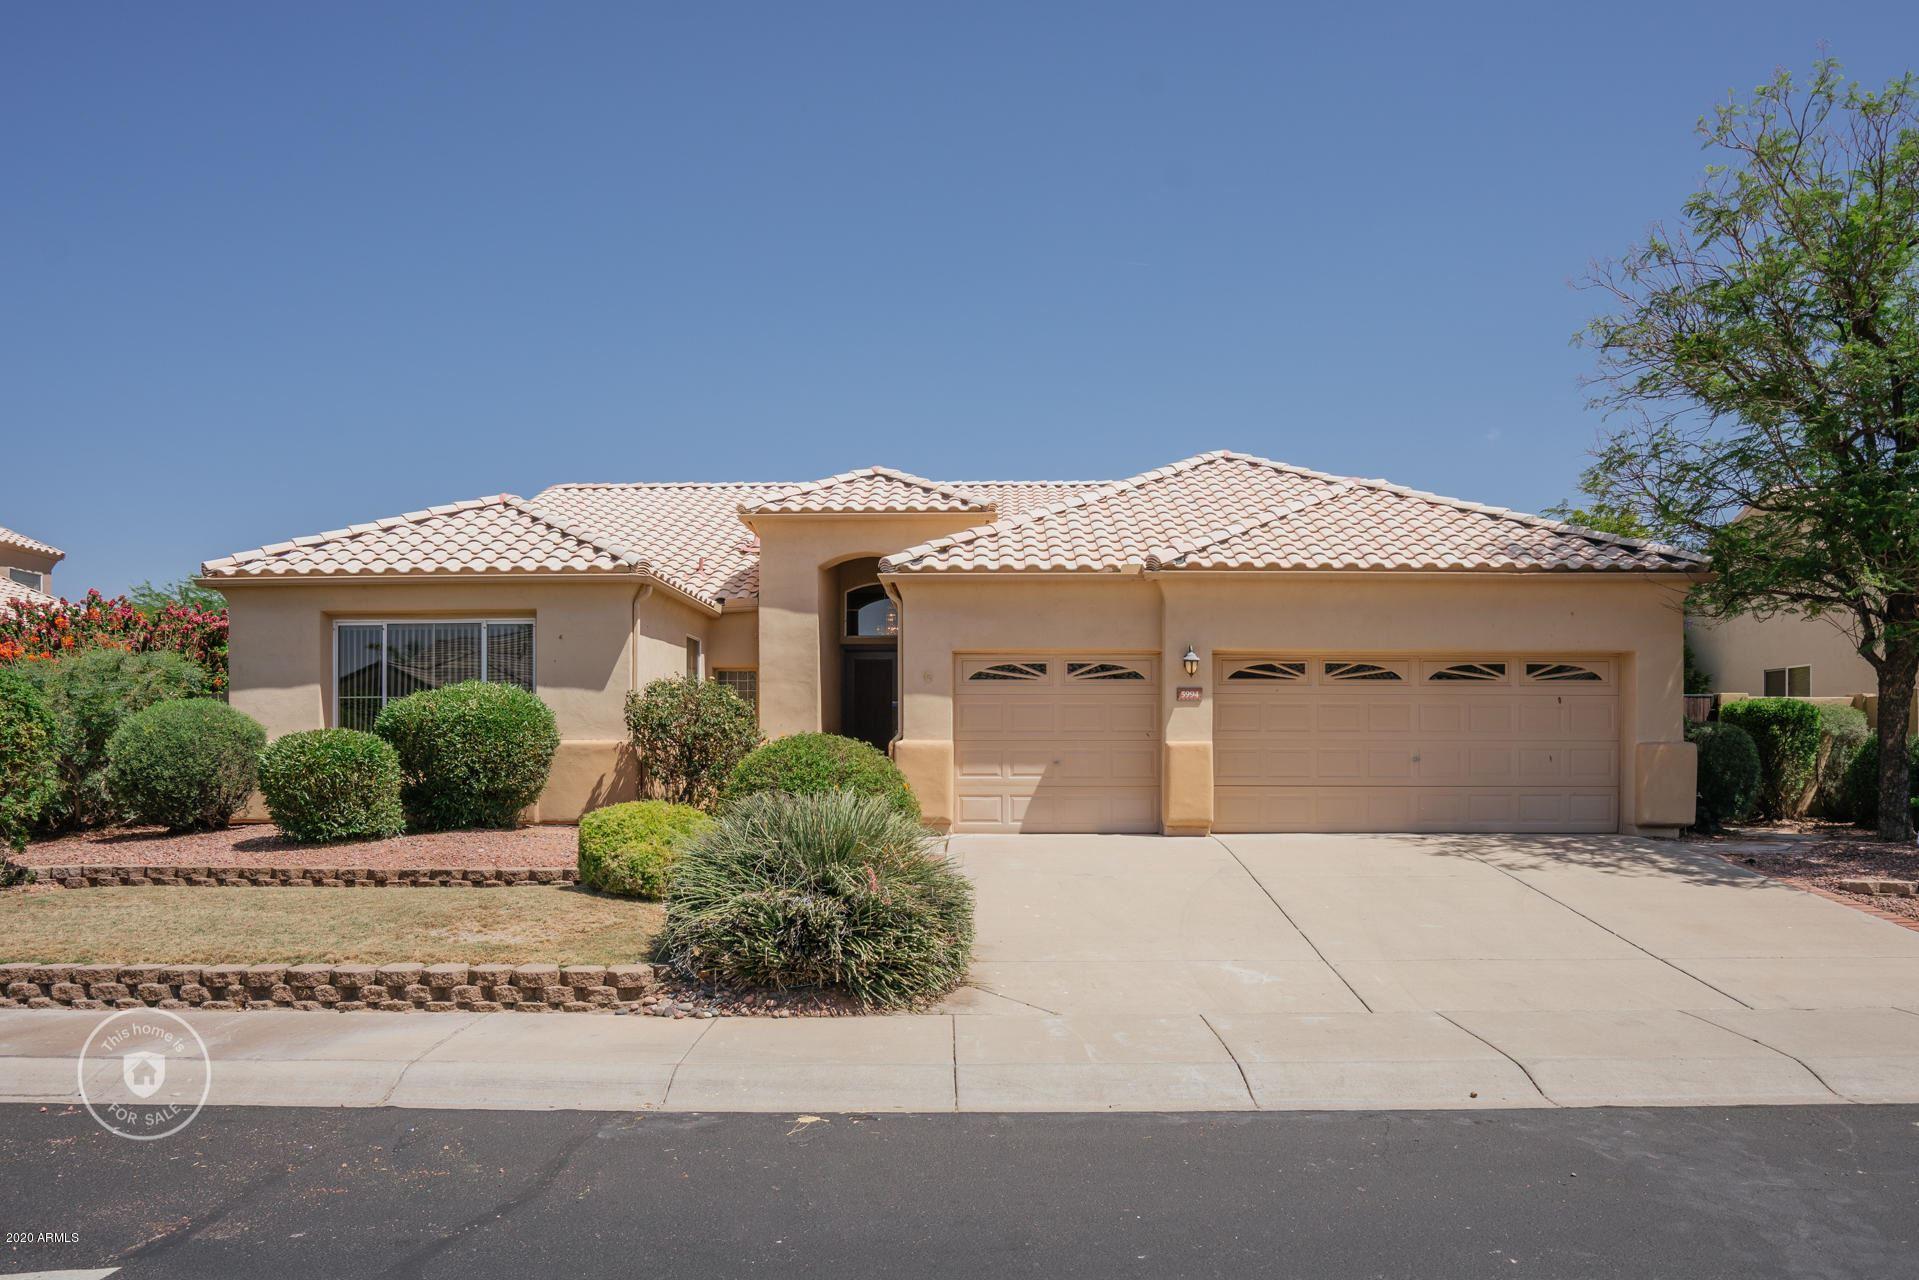 5994 W POTTER Drive, Glendale, AZ 85308 - #: 6088190